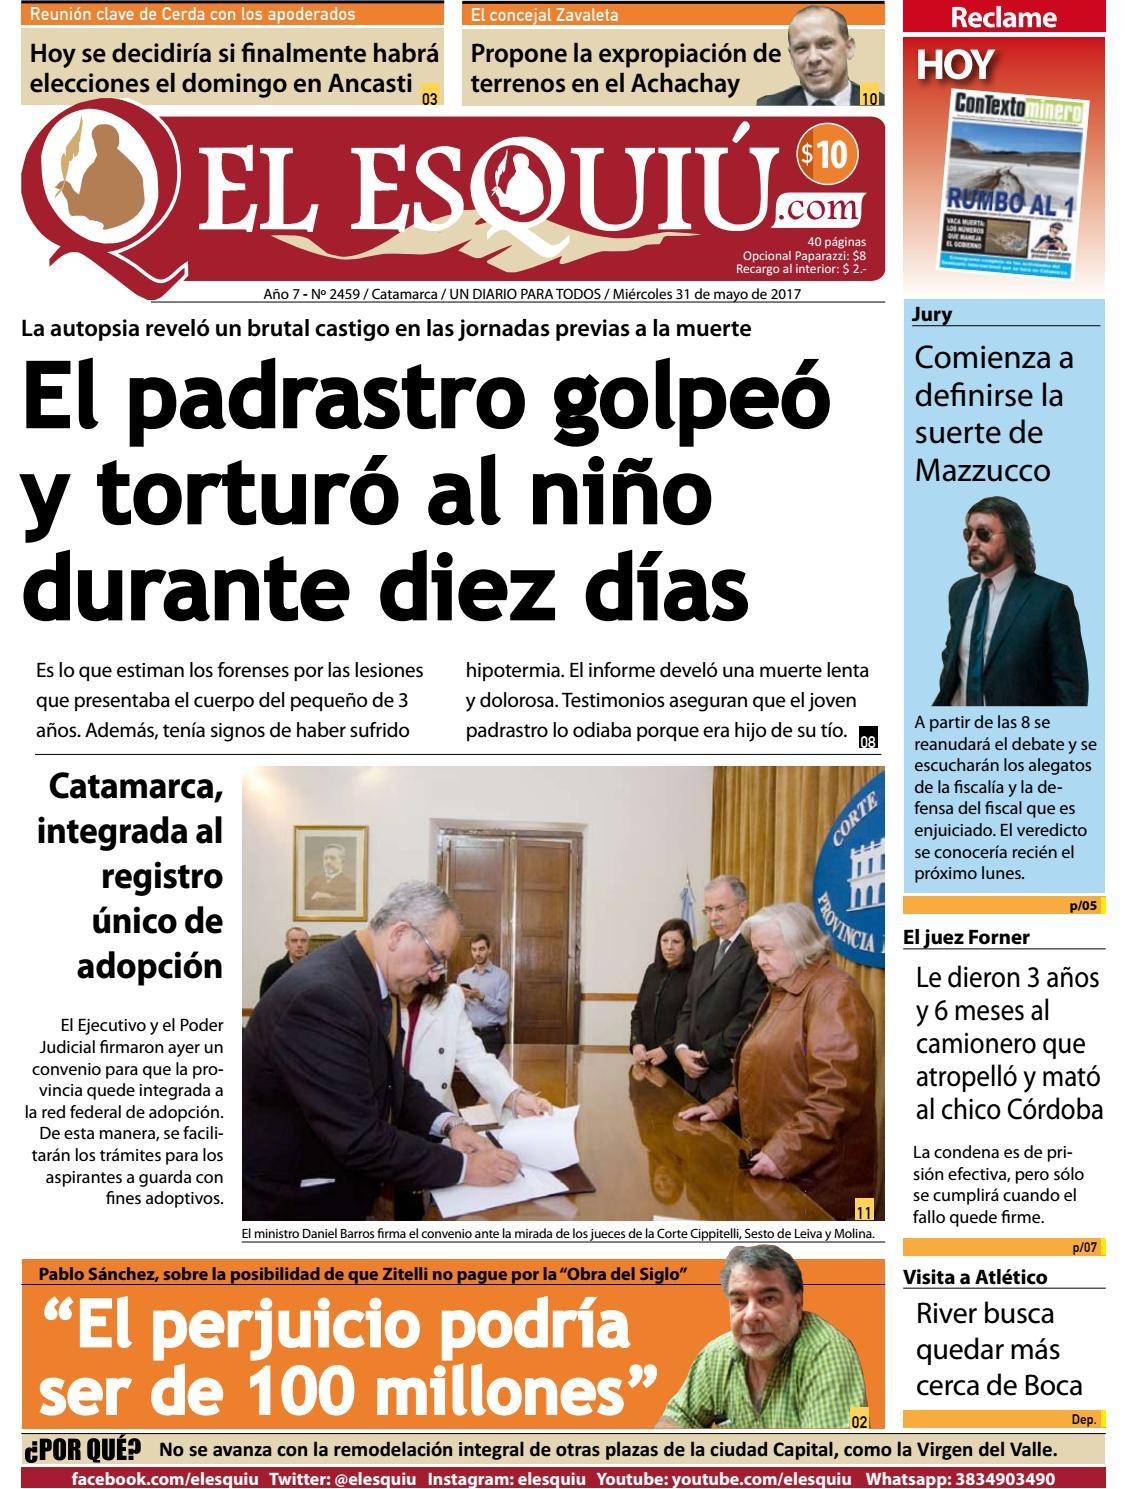 El Esquiu.com, miércoles 31 de mayo de 2017 by Editorial El Esquiú ...